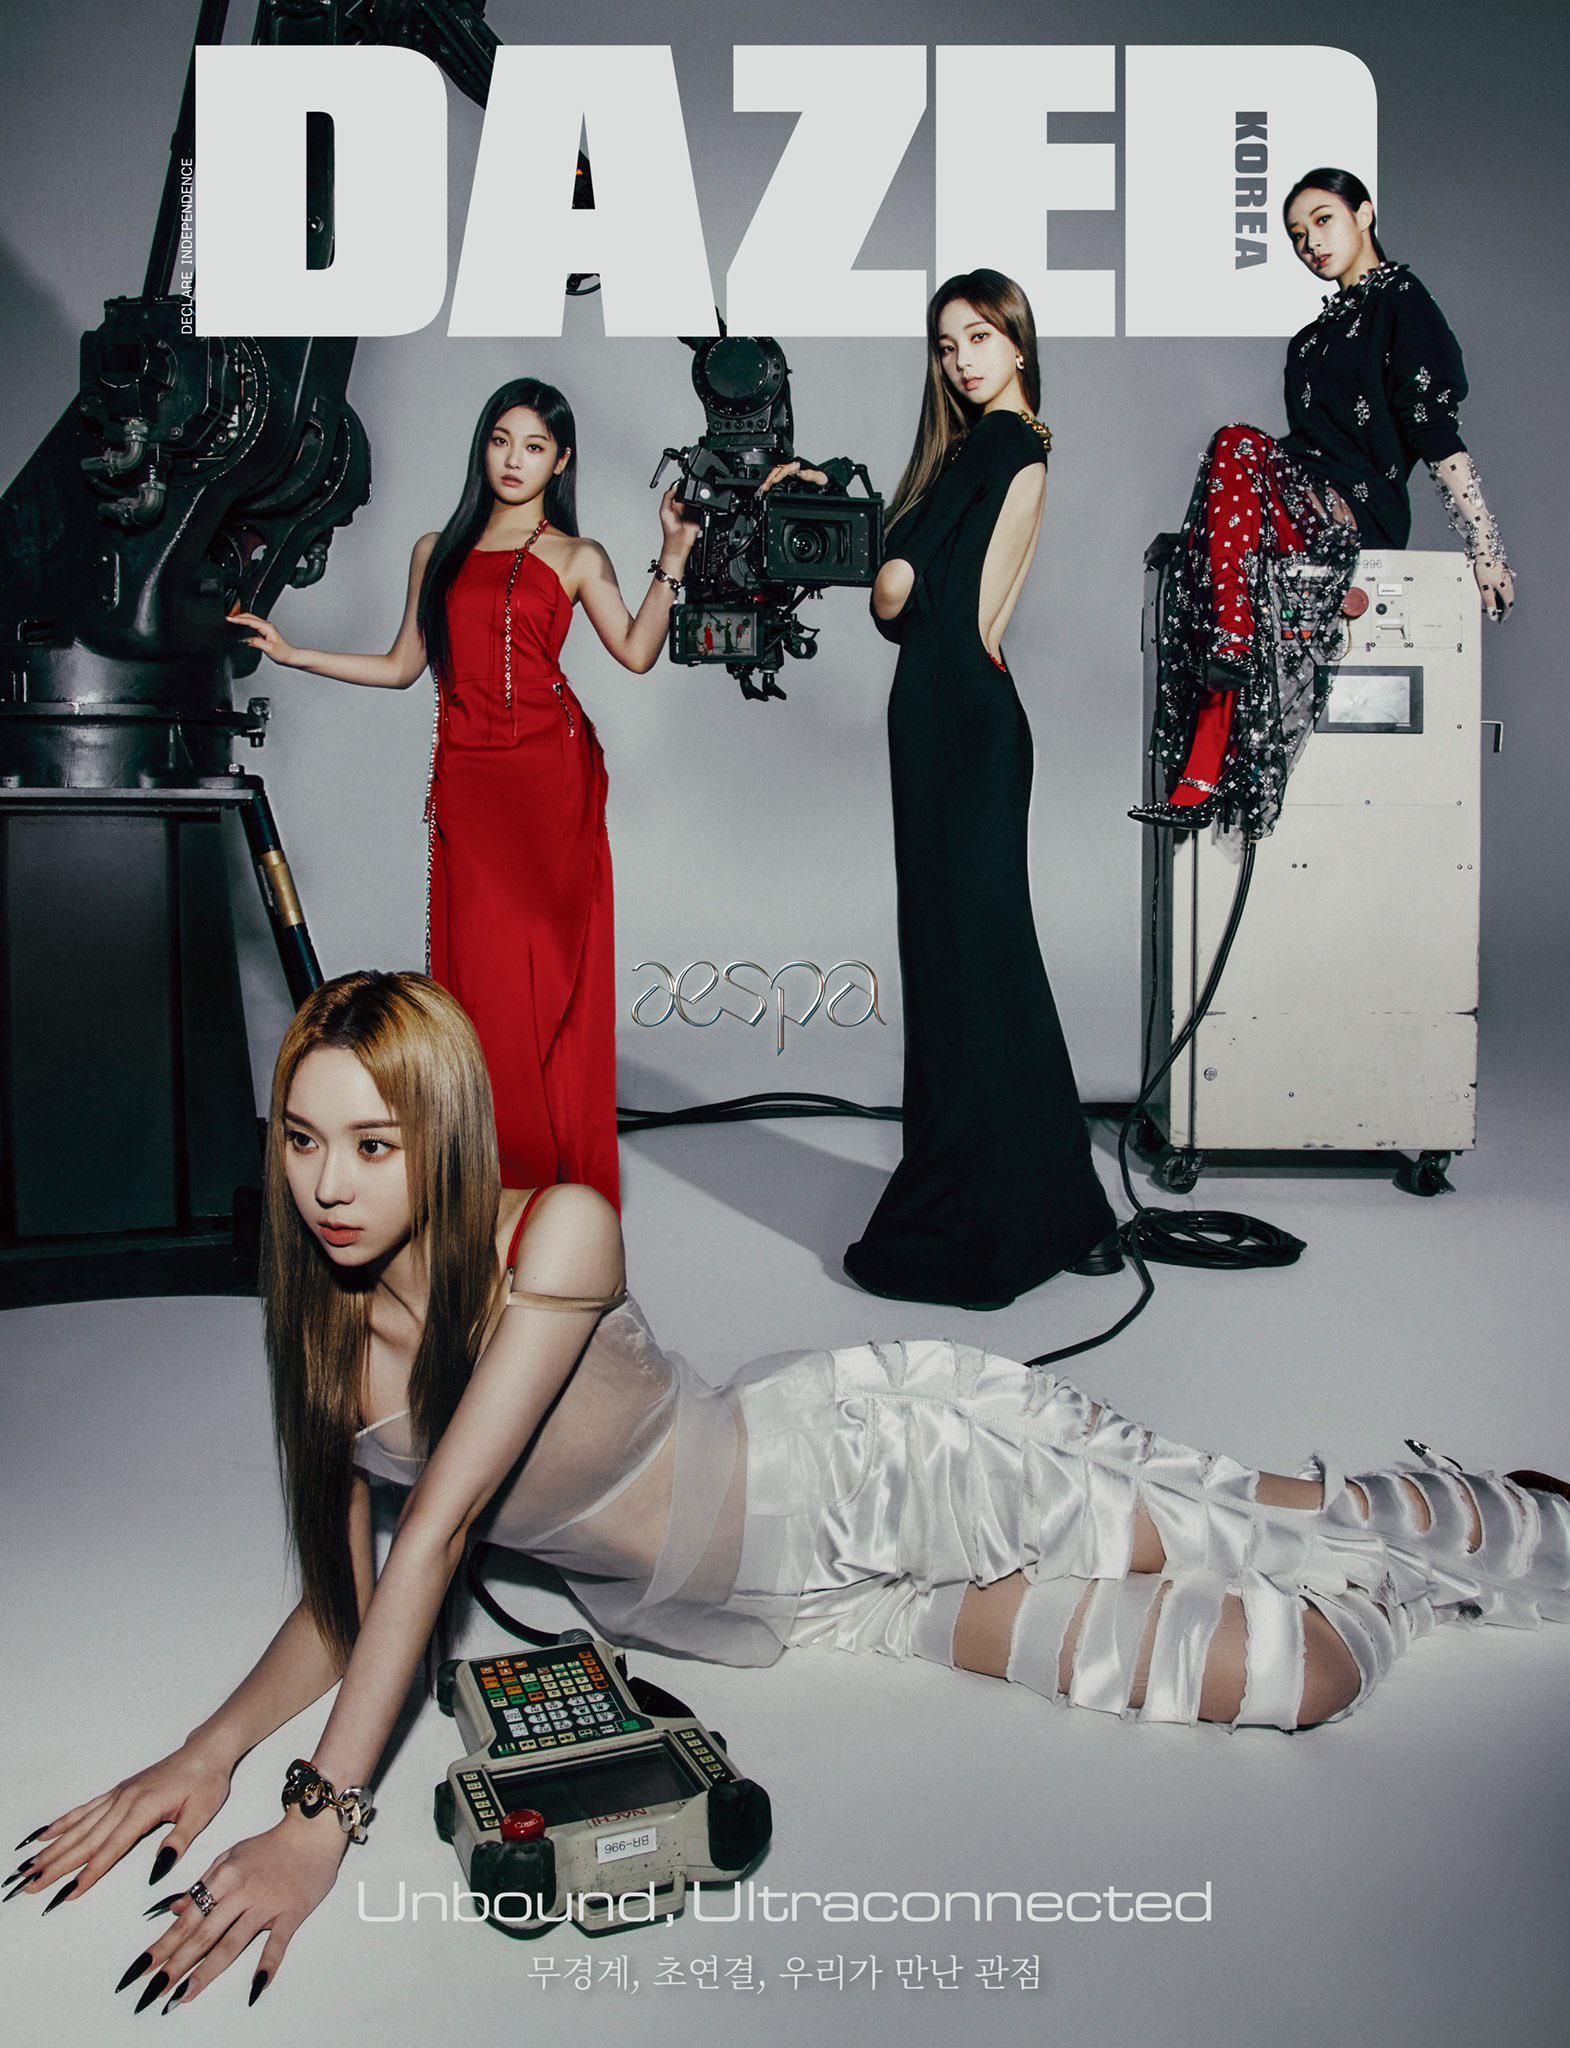 2 màn diện đồ hiệu gây tranh cãi nhất tuần: Triệu Vy lép vế trước Song Hye Kyo, nữ chính của aespa làm nền cho nữ phụ mờ nhạt? - Ảnh 3.